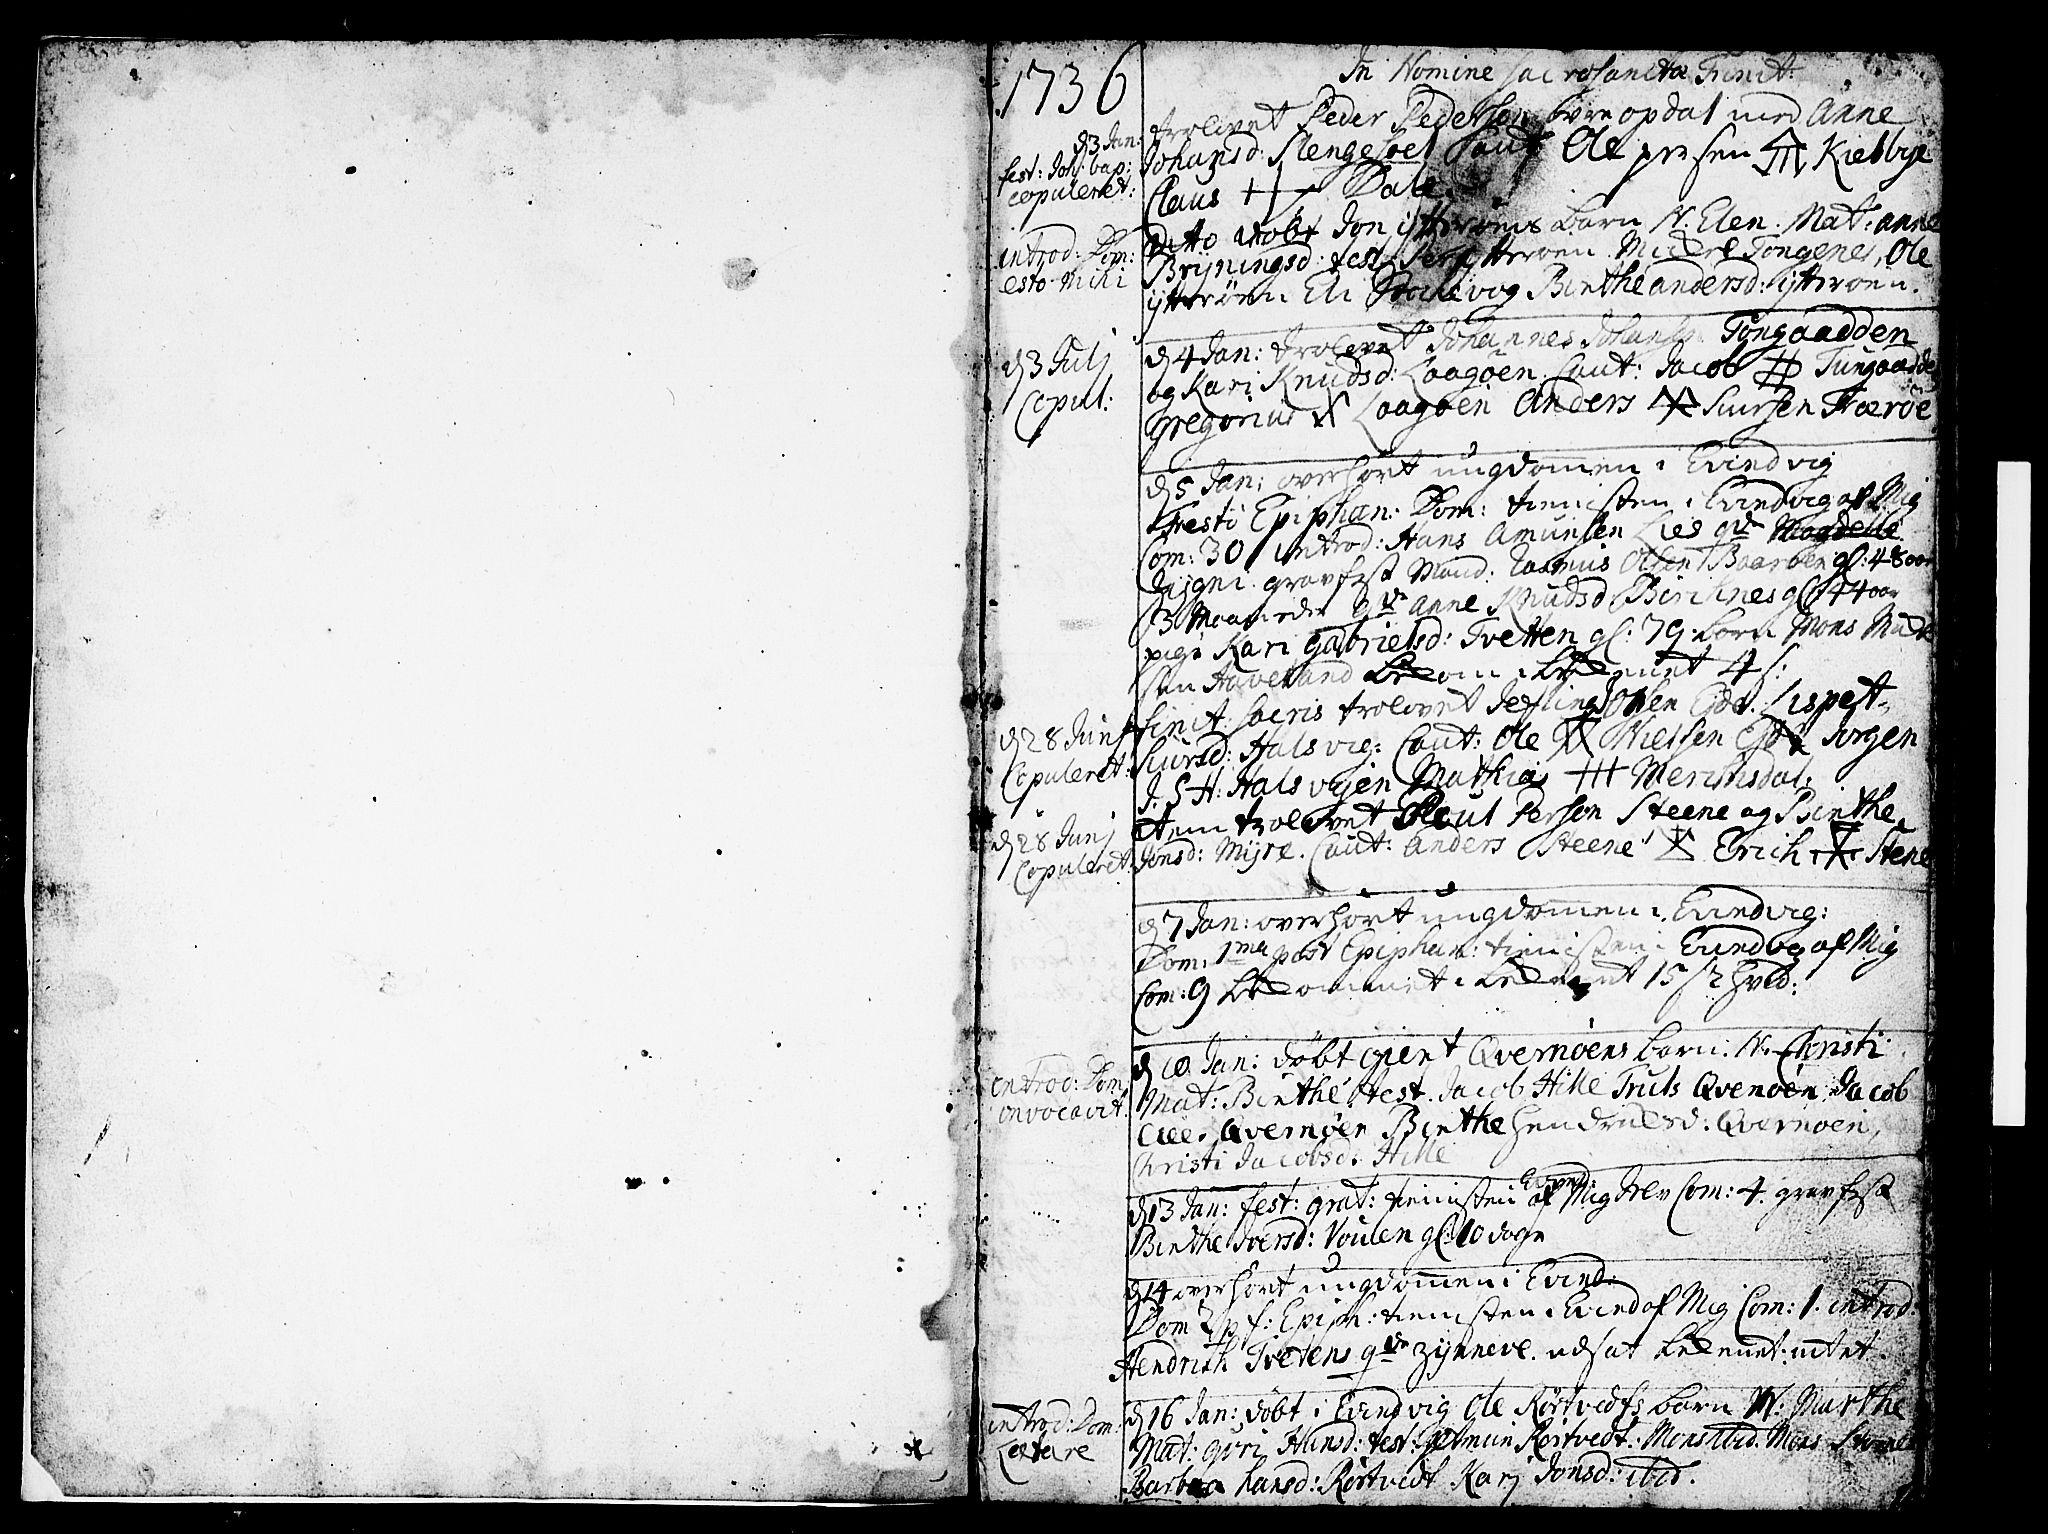 SAB, Gulen Sokneprestembete, Ministerialbok nr. A 11, 1736-1749, s. 2